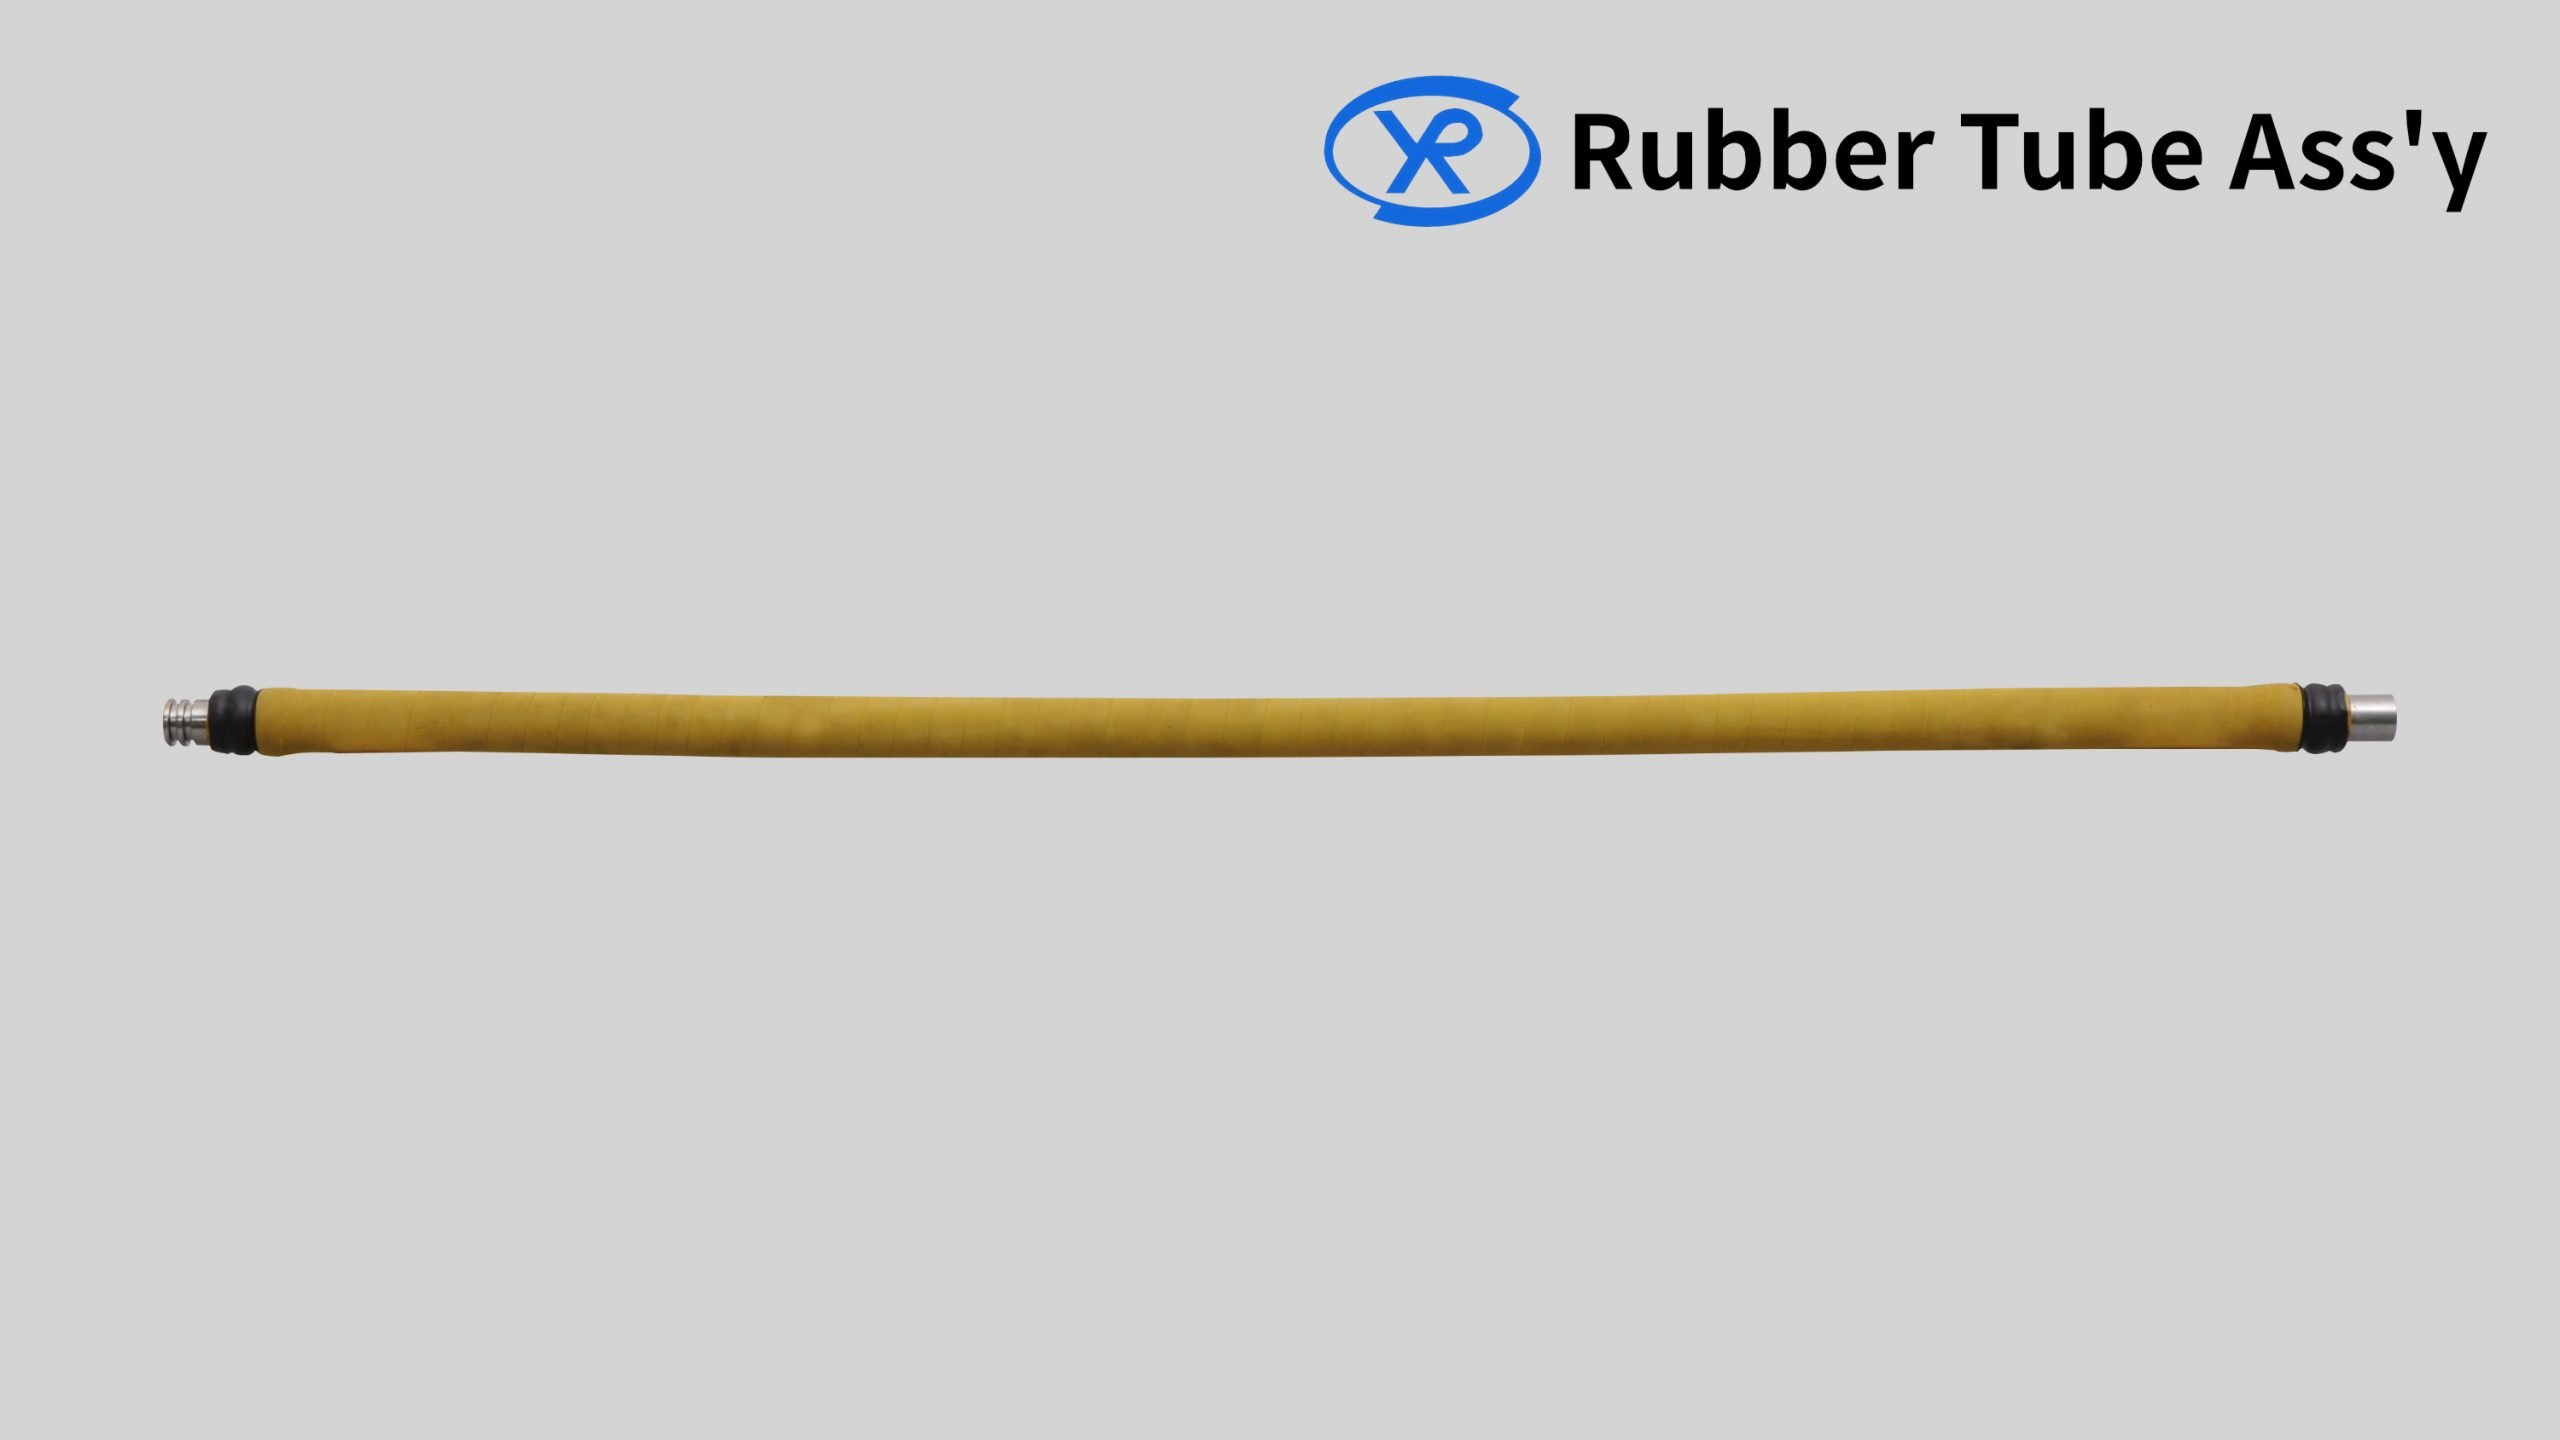 Rubber Ass Tube